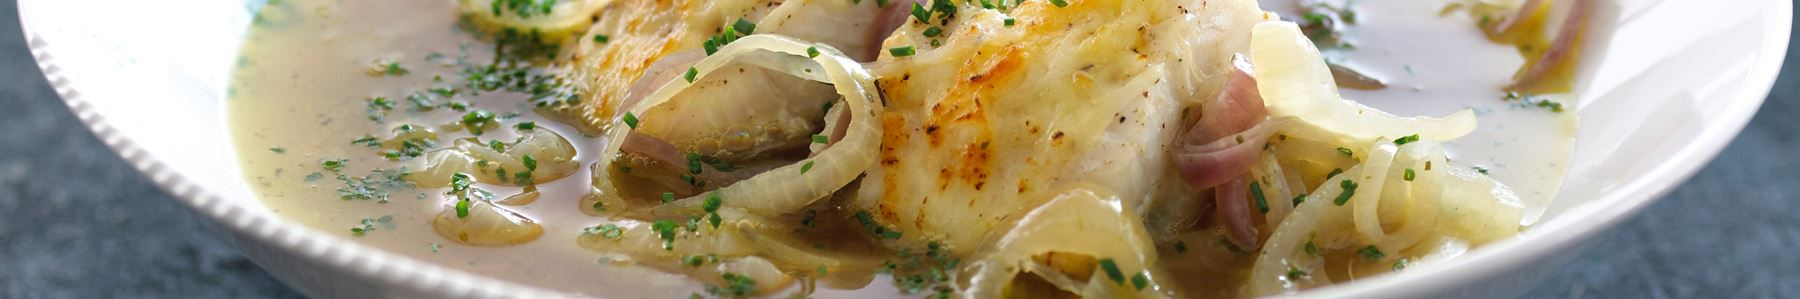 Middelhavet + Fisk + Varme supper